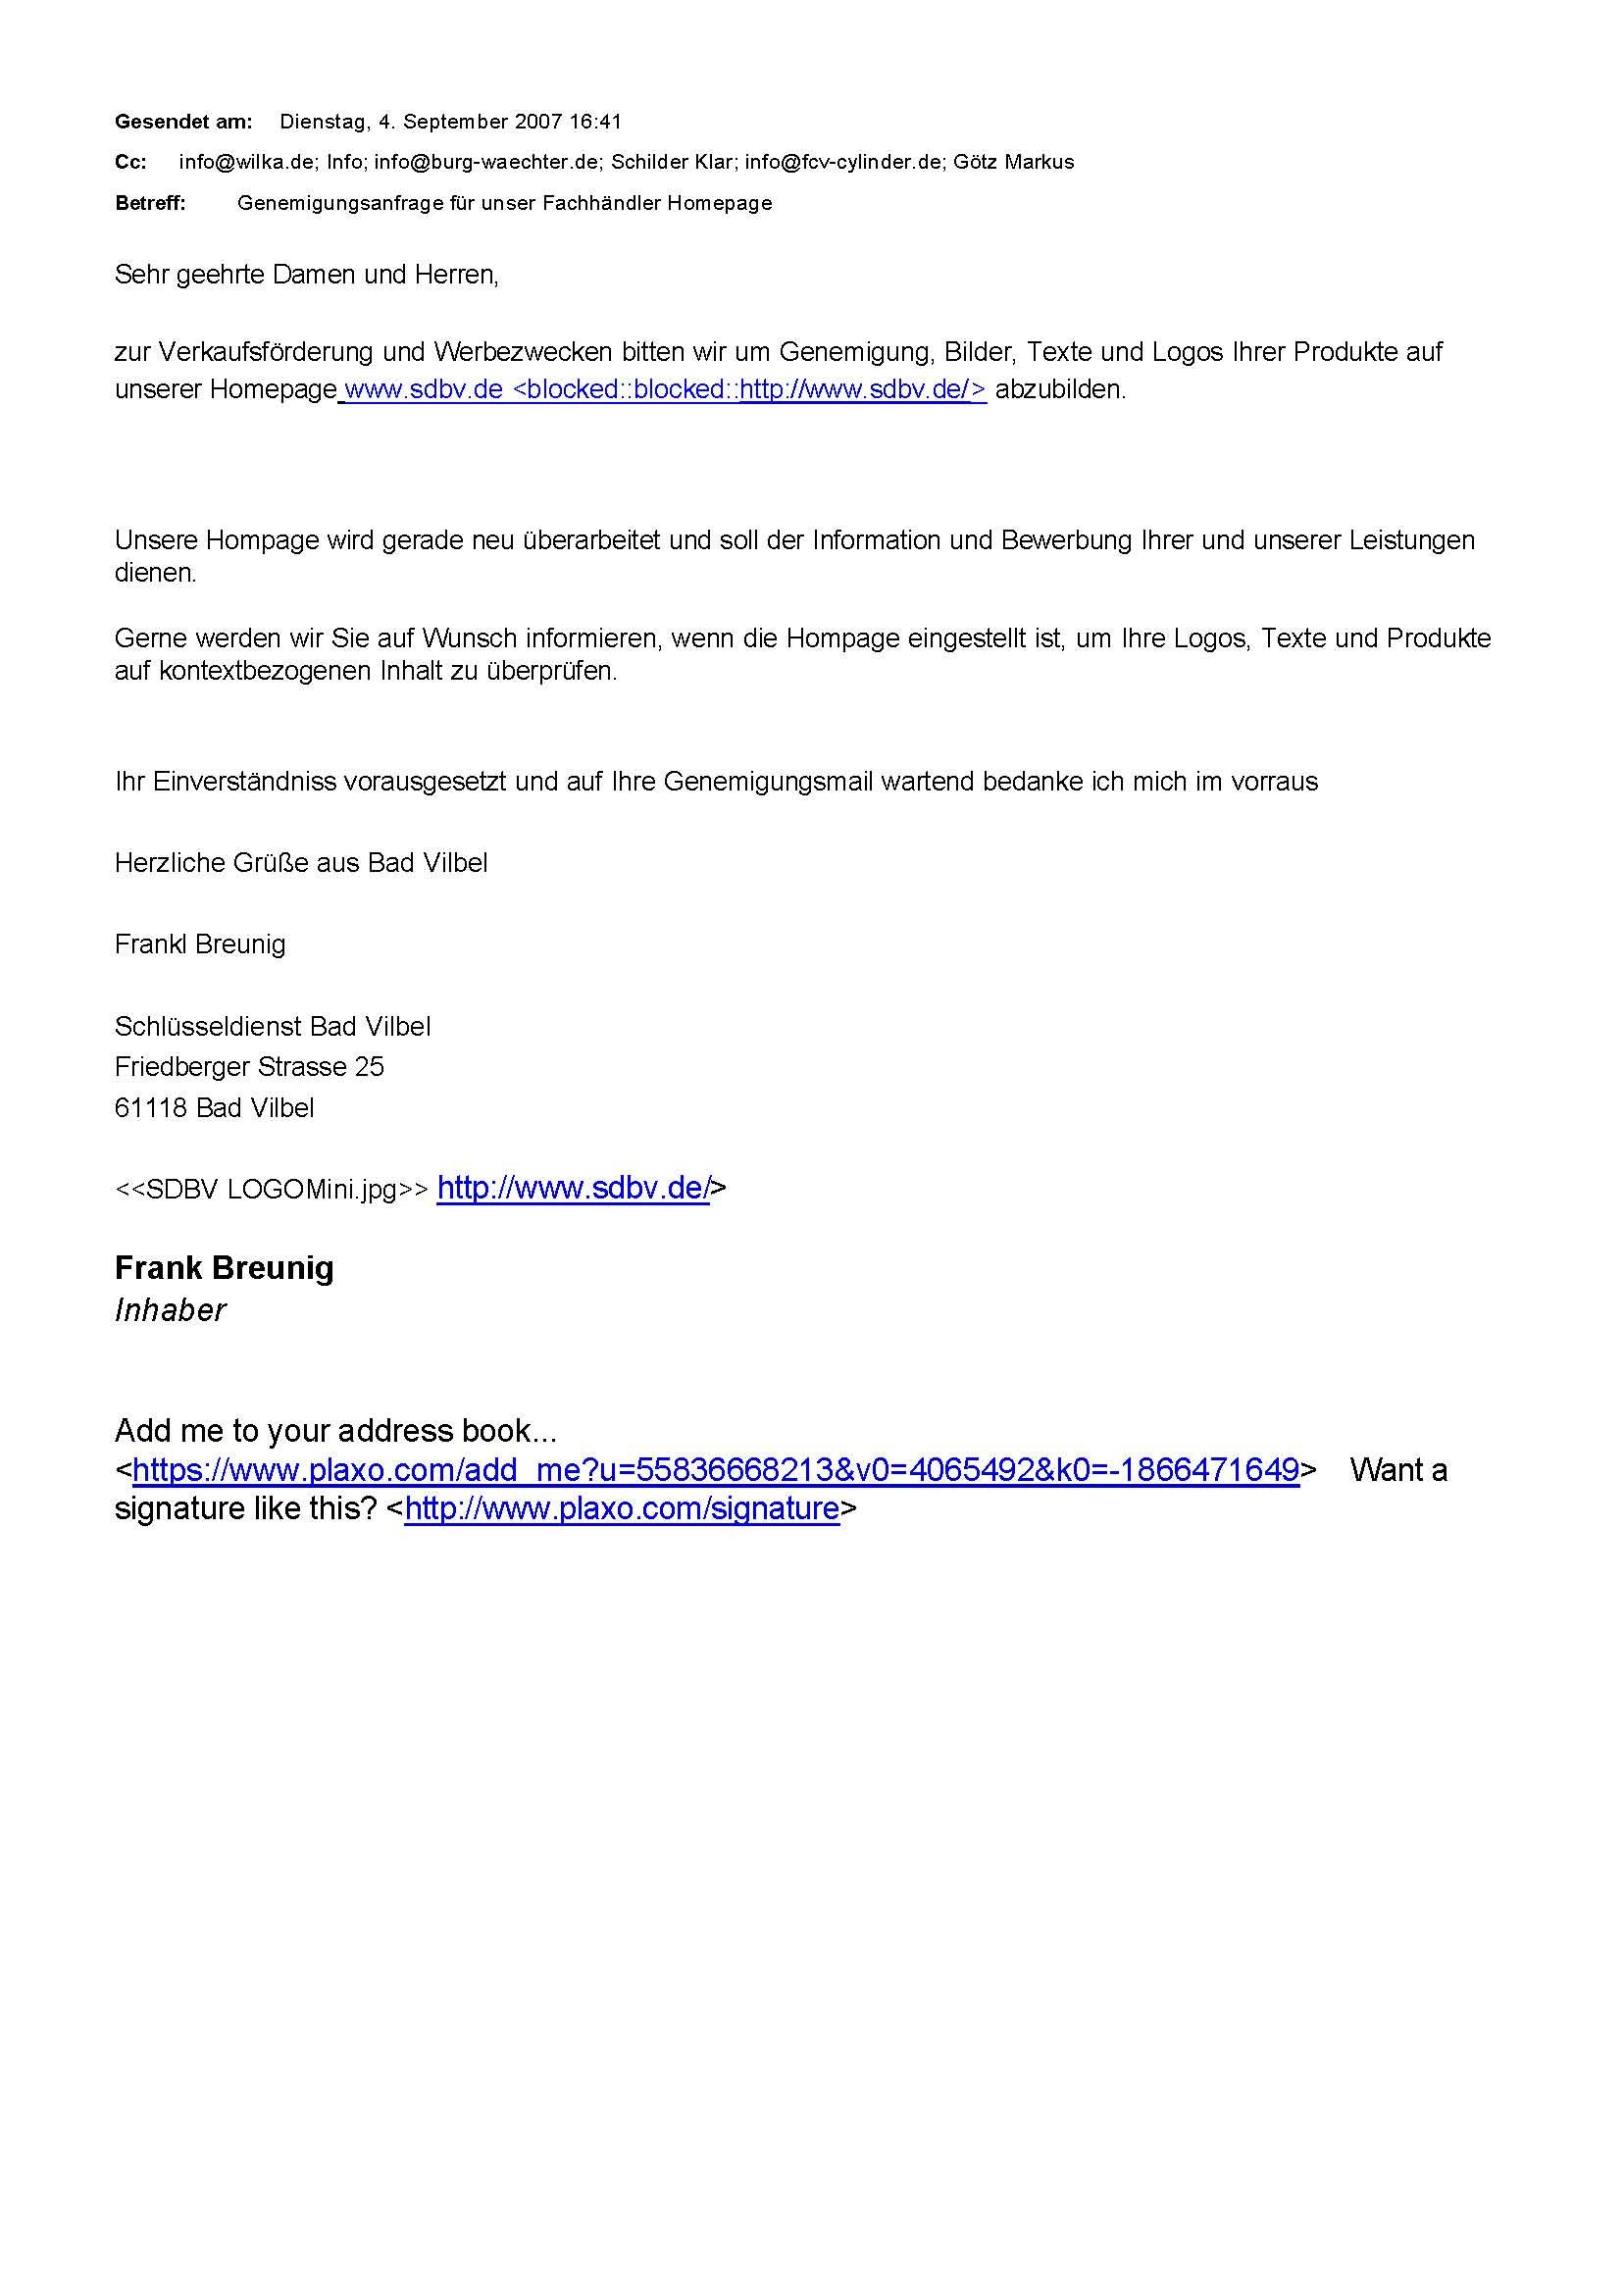 Gemütlich Vorlage Für Genehmigungsdokumente Zeitgenössisch ...